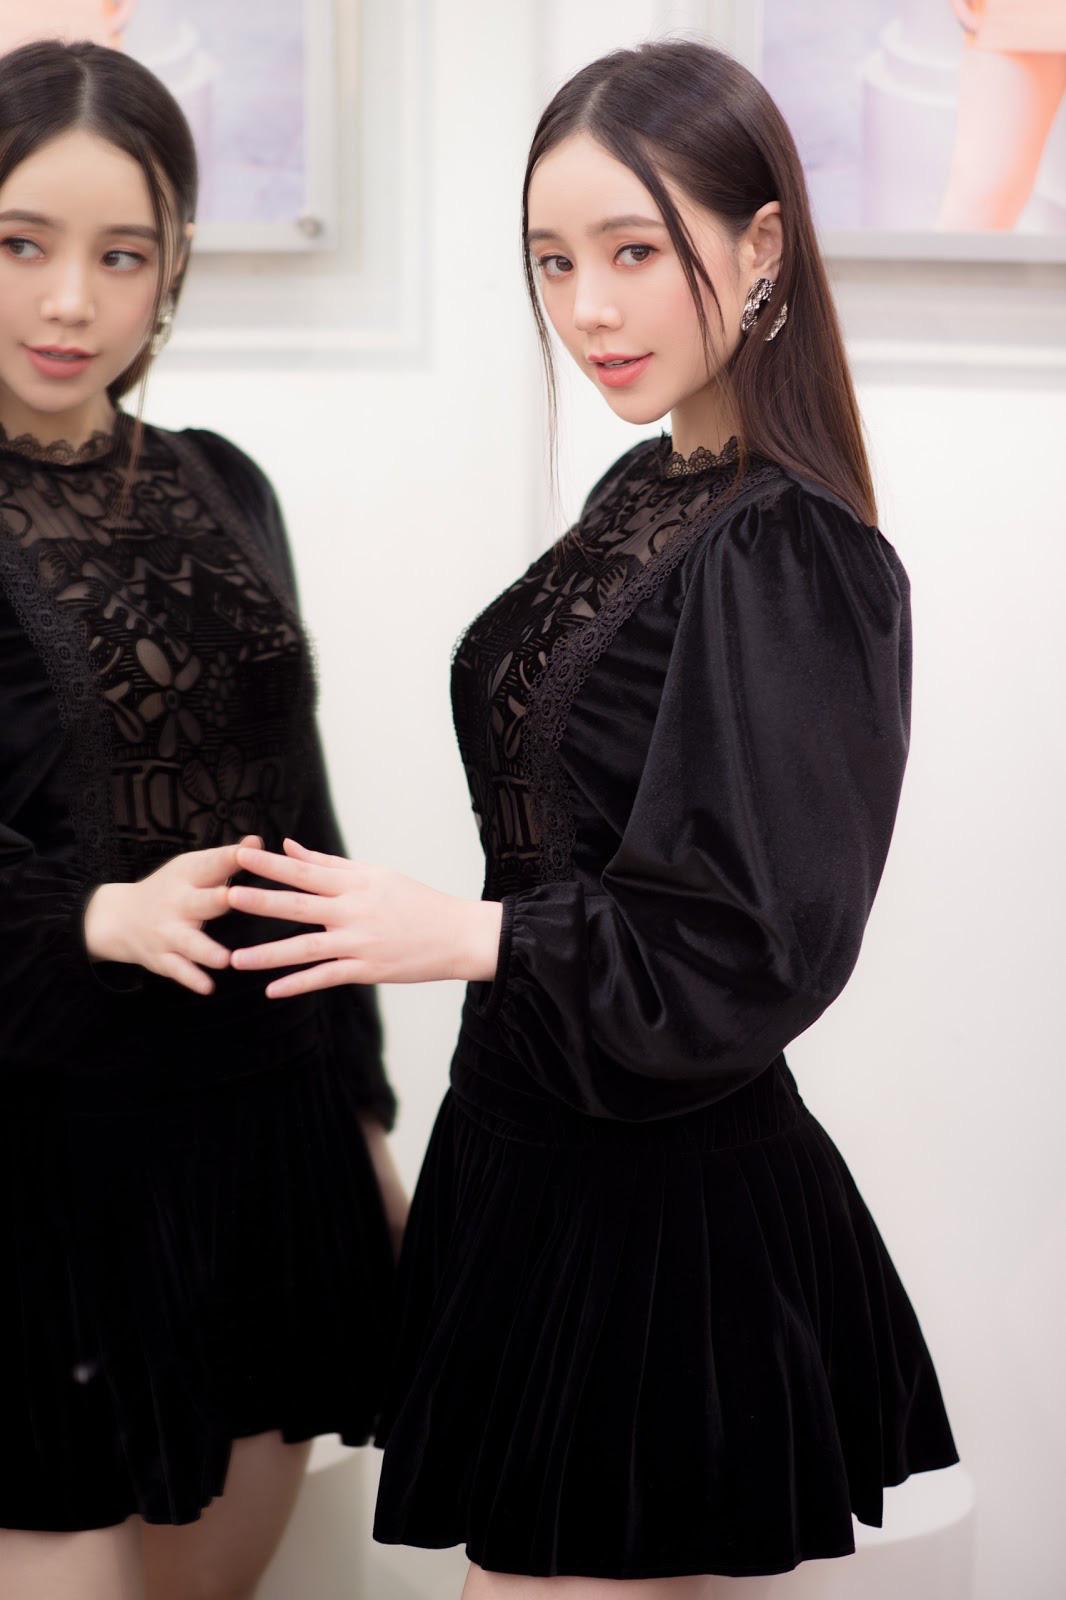 Thu đến rồi, nghe diễn viên Quỳnh Kool mách những item váy vóc cho quý cô sành điệu - Ảnh 8.